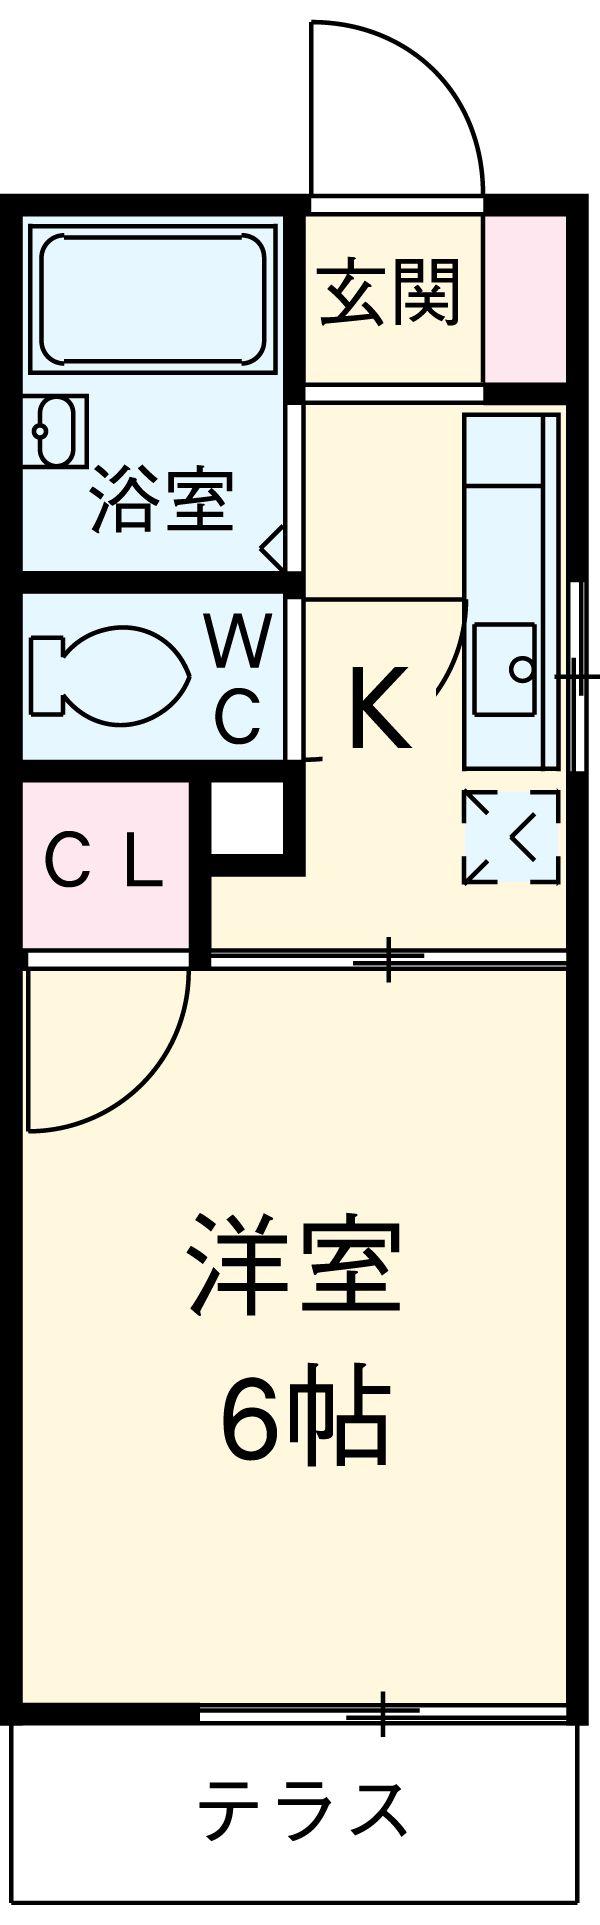 カレッジサイド寺田 105号室の間取り